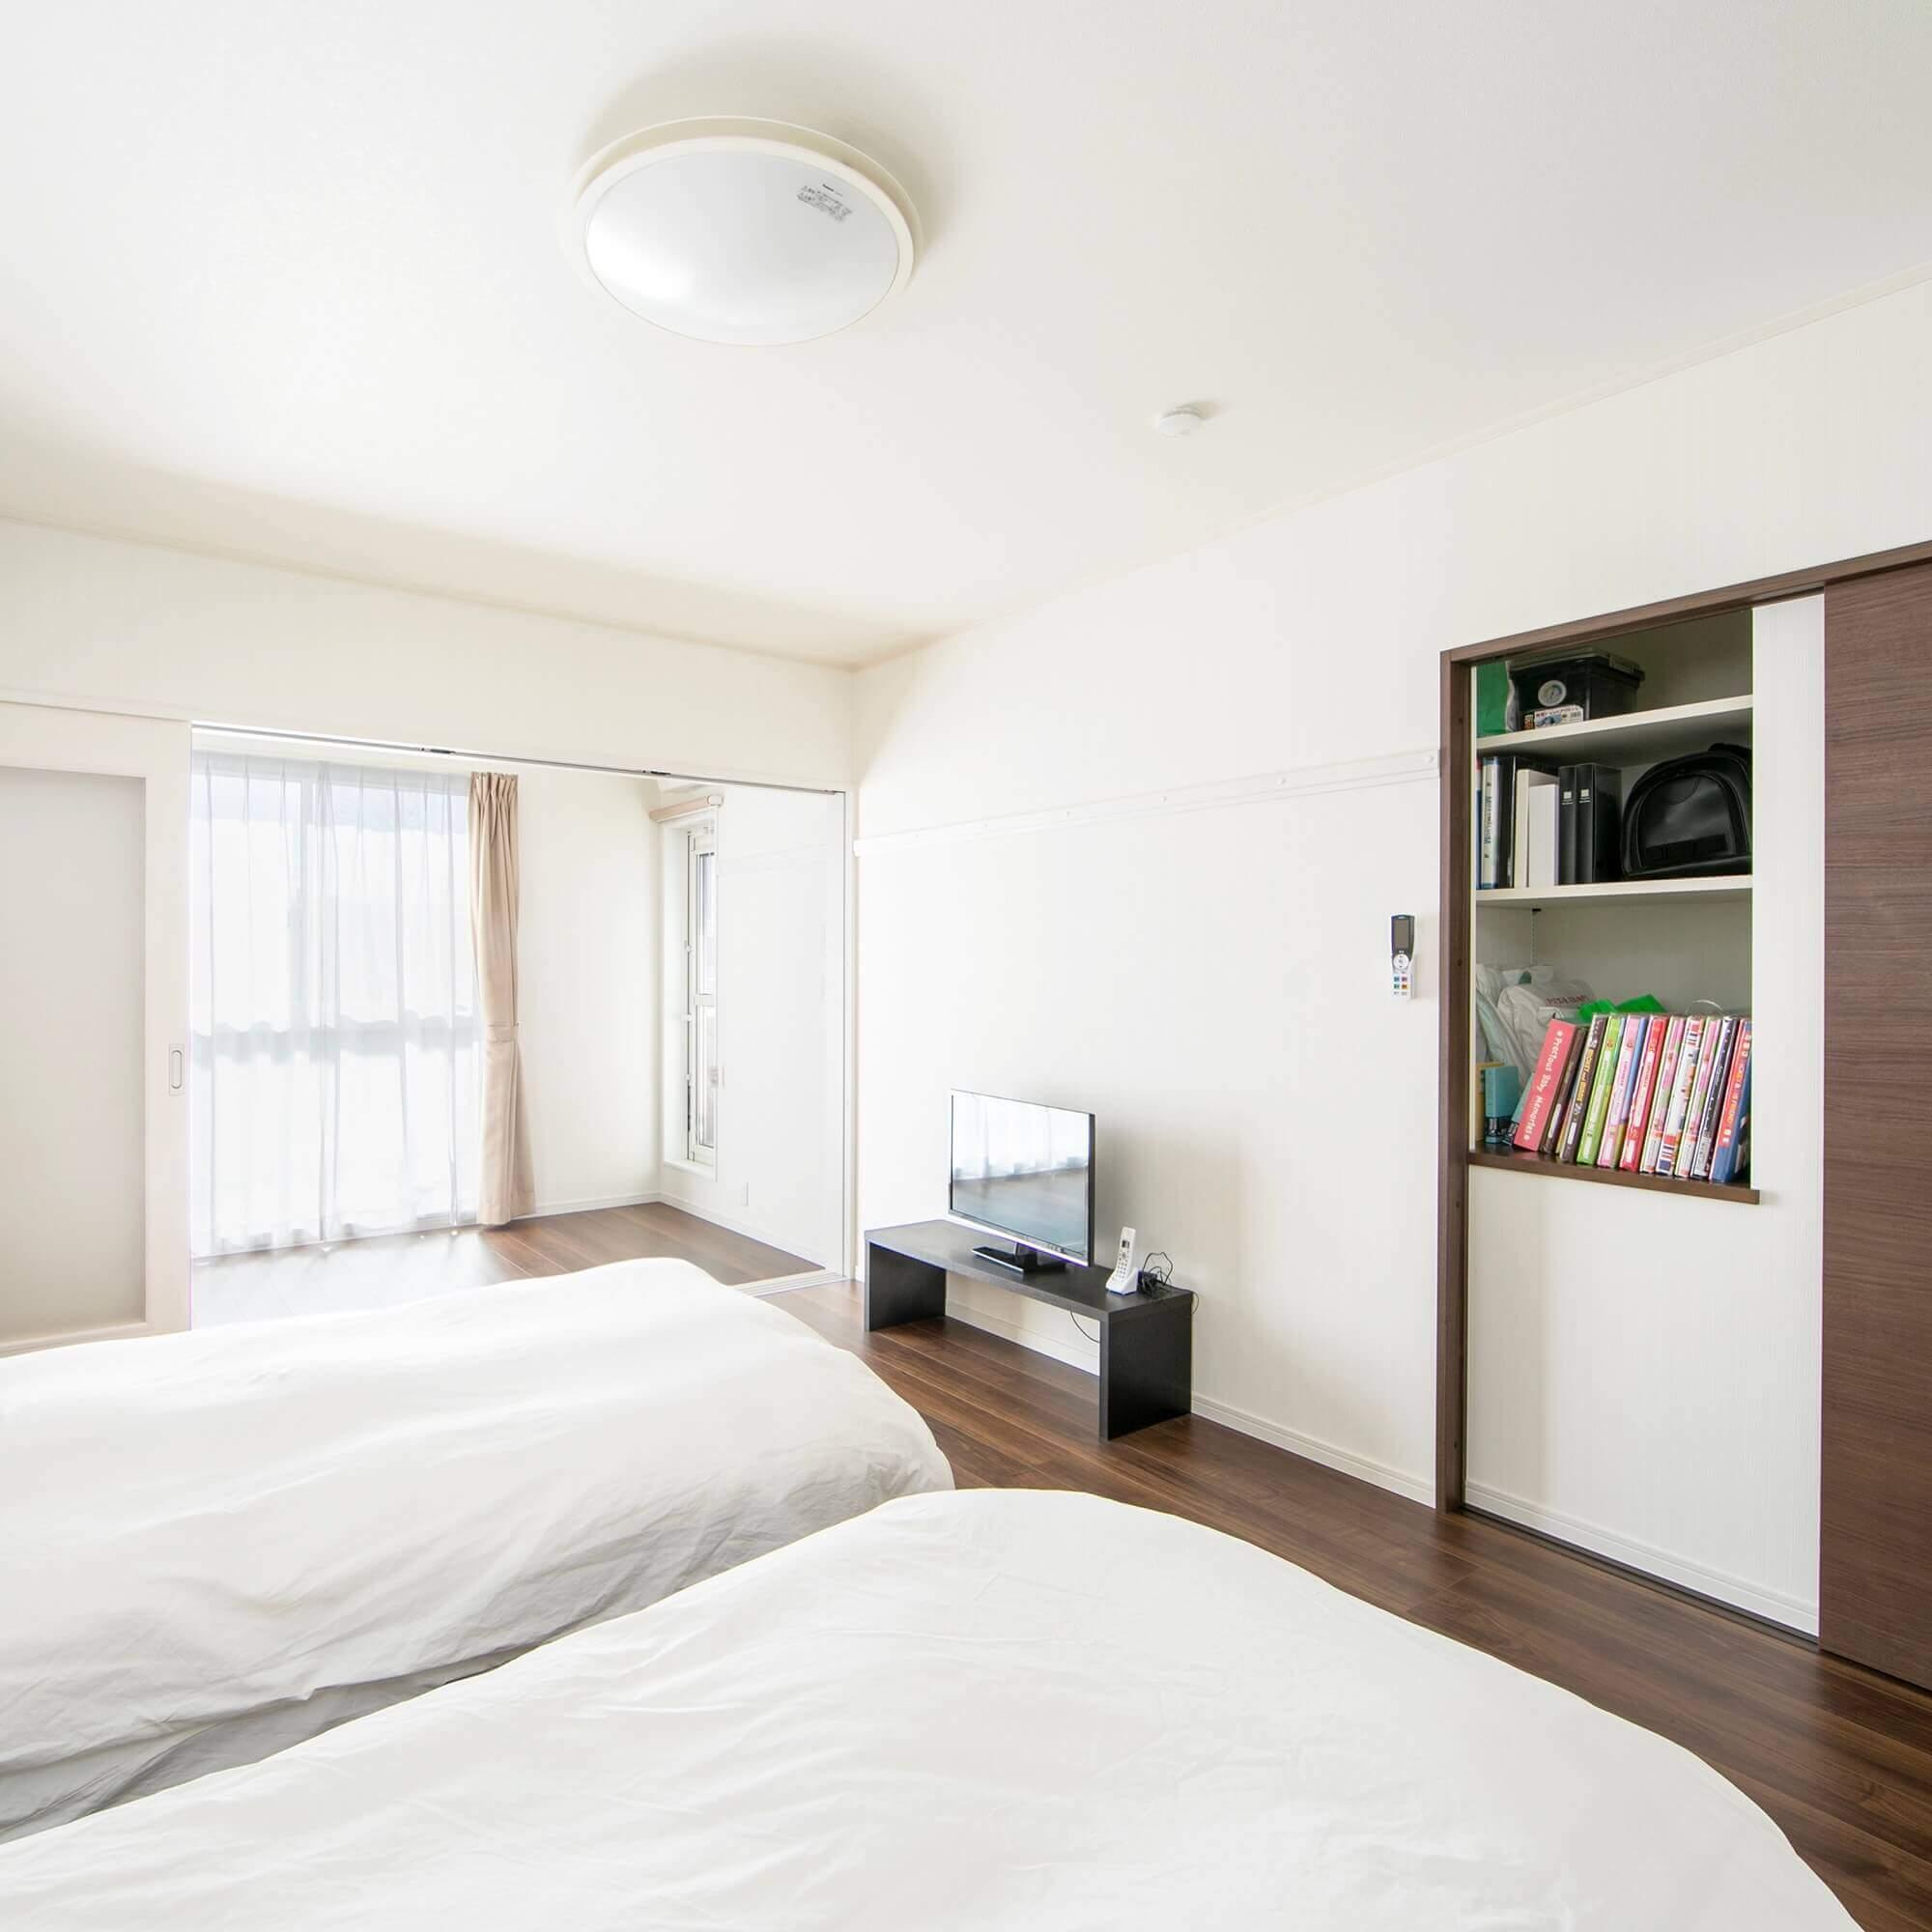 宇都宮市の注文住宅事例 寝室